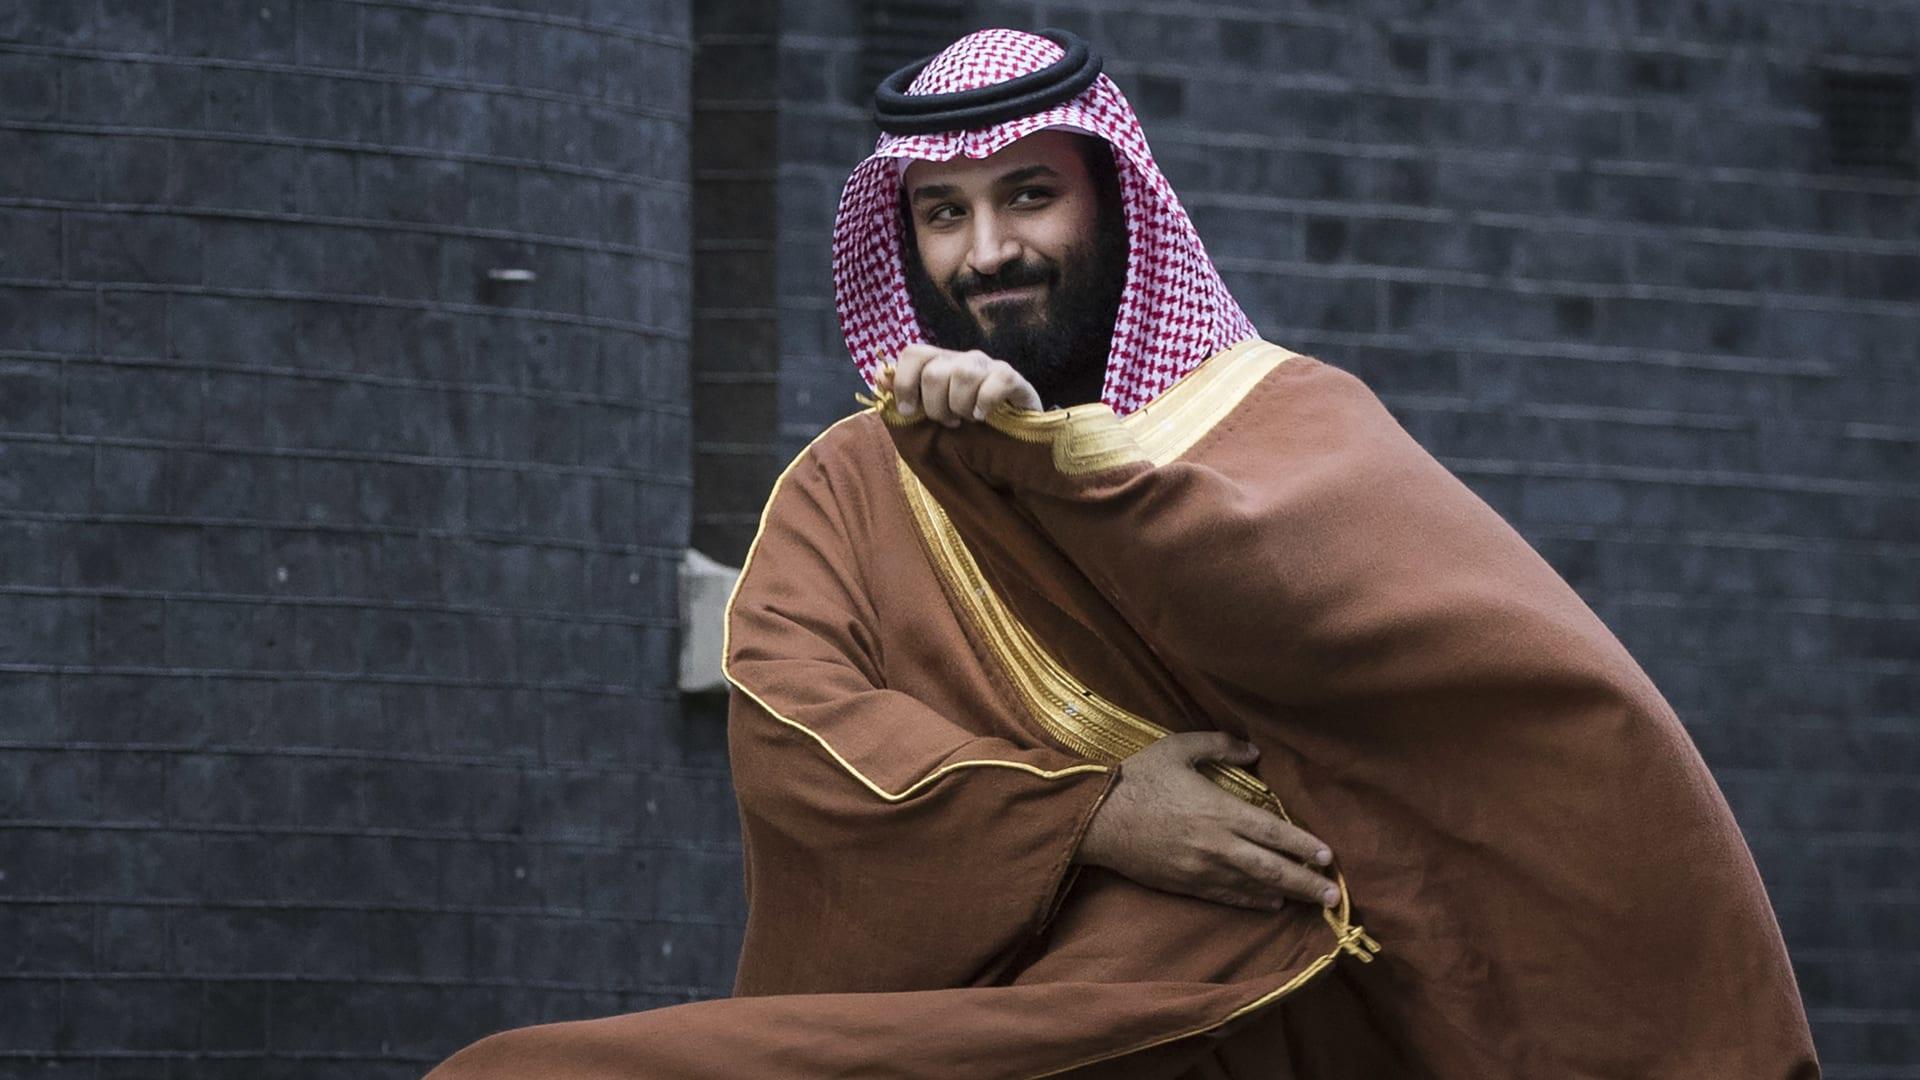 """محمد بن سلمان يطلق برنامج """"شريك"""" ويكشف حجم الاستثمارات الجديدة في السعودية بحلول عام 2030"""